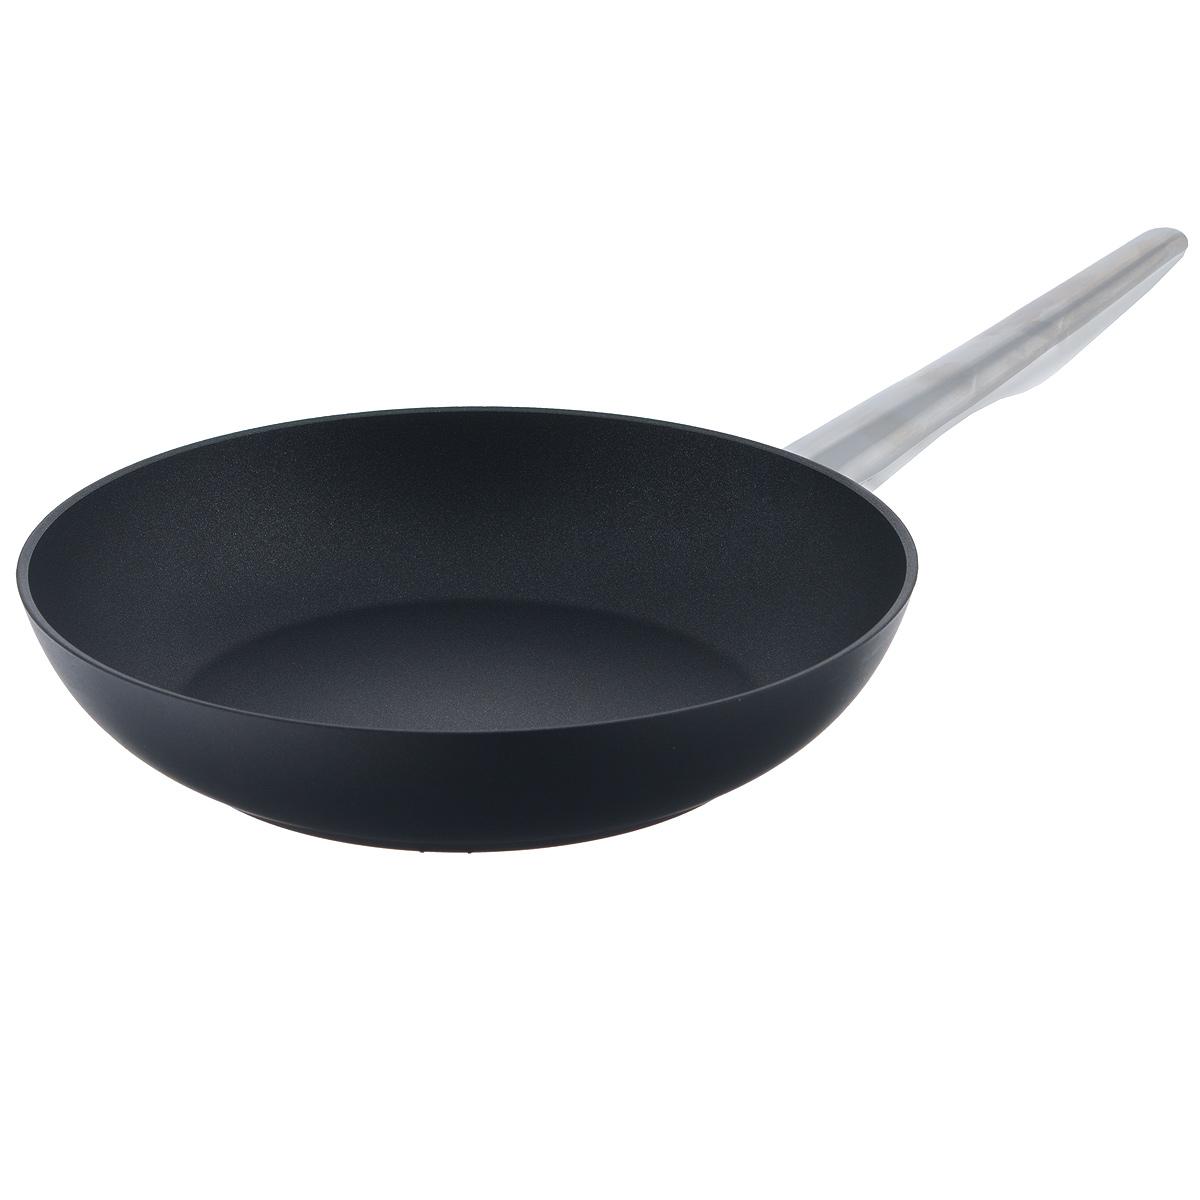 Сковорода TVS Maestrale, с антипригарным покрытием, цвет: черный. Диаметр 24 см1V278243310001Сковорода TVS Maestrale выполнена из алюминия с внешним лаковым покрытием черного цвета и обладает превосходной теплопроводностью. Внутреннее антипригарное покрытие Toptec позволяет готовить пищу с минимальным использованием масла. Прочная поверхность сковороды не боится механических повреждений.Эргономичная ручка, изготовленная из нержавеющей стали имеет плавные формы, которые подчеркивают стиль сковороды. Сковорода TVS Maestrale изготовлена из экологичных материалов, что делает ее пригодной для приготовления пищи детям.Подходит для всех видов плит, включая индукционные.Сковороду TVS Maestrale можно использовать в духовому шкафу. Максимальная температура 230°С. Можно мыть в посудомоечной машине.Особенностью коллекции Maestrale является фурнитура из нержавеющей стали с изящными формами, очень эффектно сочетающаяся с литым корпусом изделий с черным антипригарным покрытием Toptec. Дно сковород и кастрюль, входящих в коллекцию, имеет вплавленный стальной диск, благодаря чему посуду можно использовать, в том числе и на индукционных плитах. Компания TVS была основана в 1968 году. Основными принципами, которых придерживается компания, являются экологическая безопасность производства, использование новейших материалов и технологий, а также всесторонний учет потребностей рынка. Посуда TVS (Италия) - это превосходное решение для любой современной кухни, способное создать по-настоящему комфортные условия для приготовления пищи. Диаметр сковороды: 24 см. Высота стенки: 5 см.Длина ручки: 18 см.